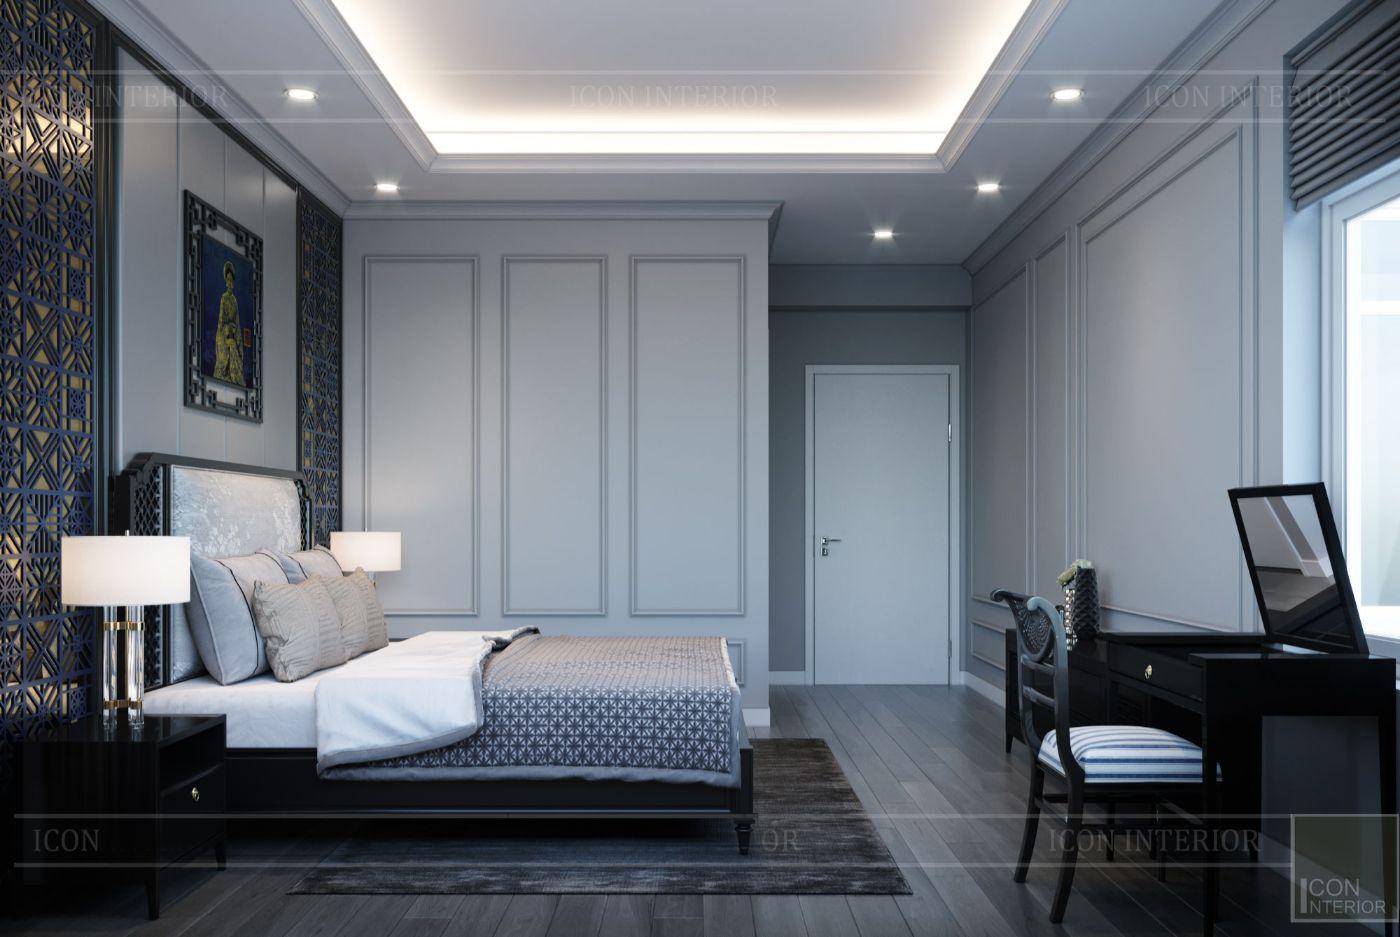 thiết kế căn hộ saigon pearl - phòng ngủ master 2